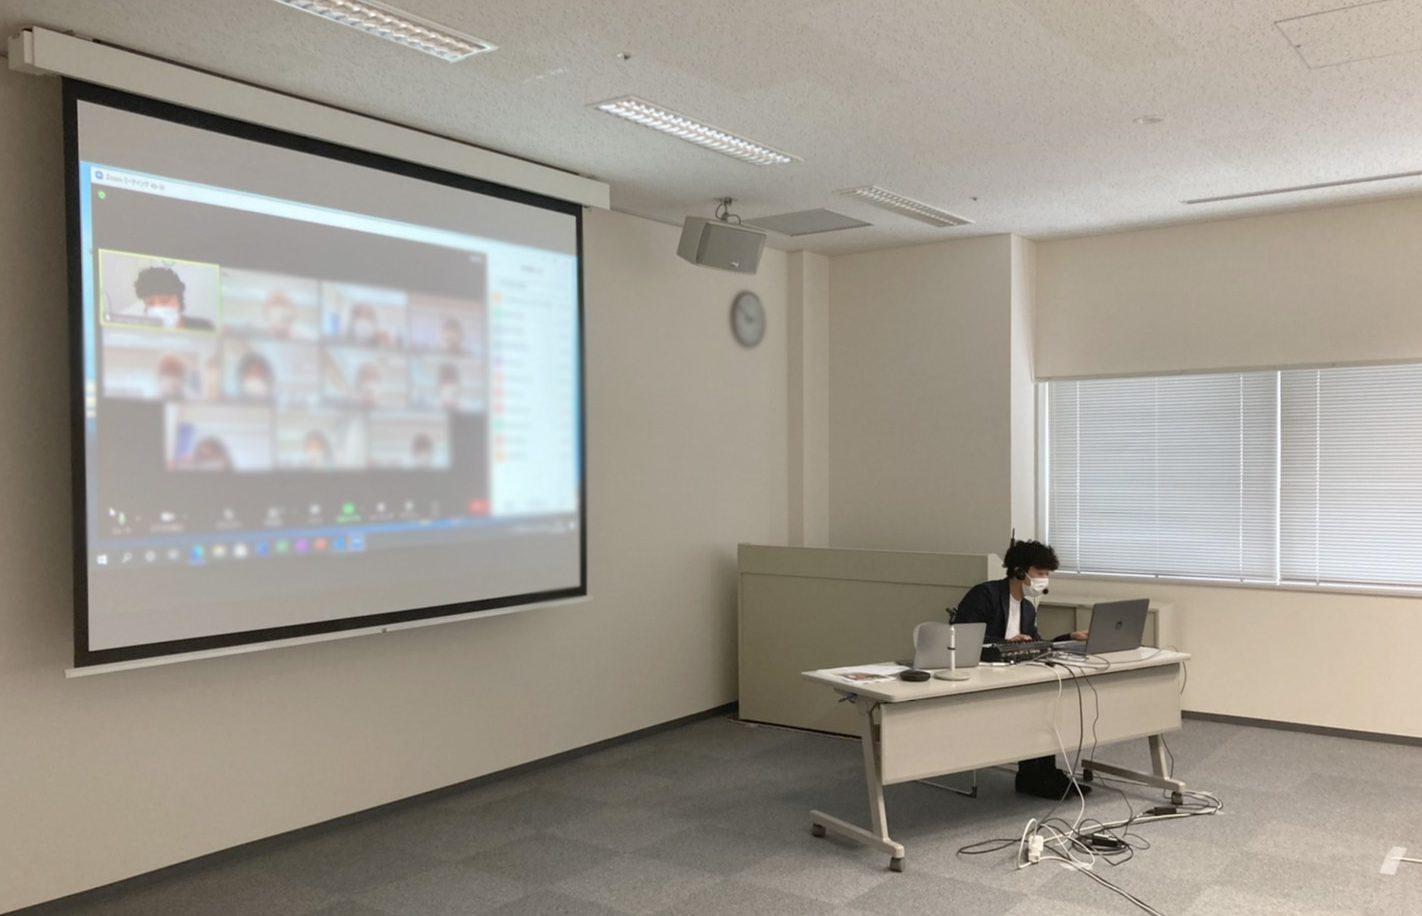 「簡単に始められるZoomセミナー」 講師業務